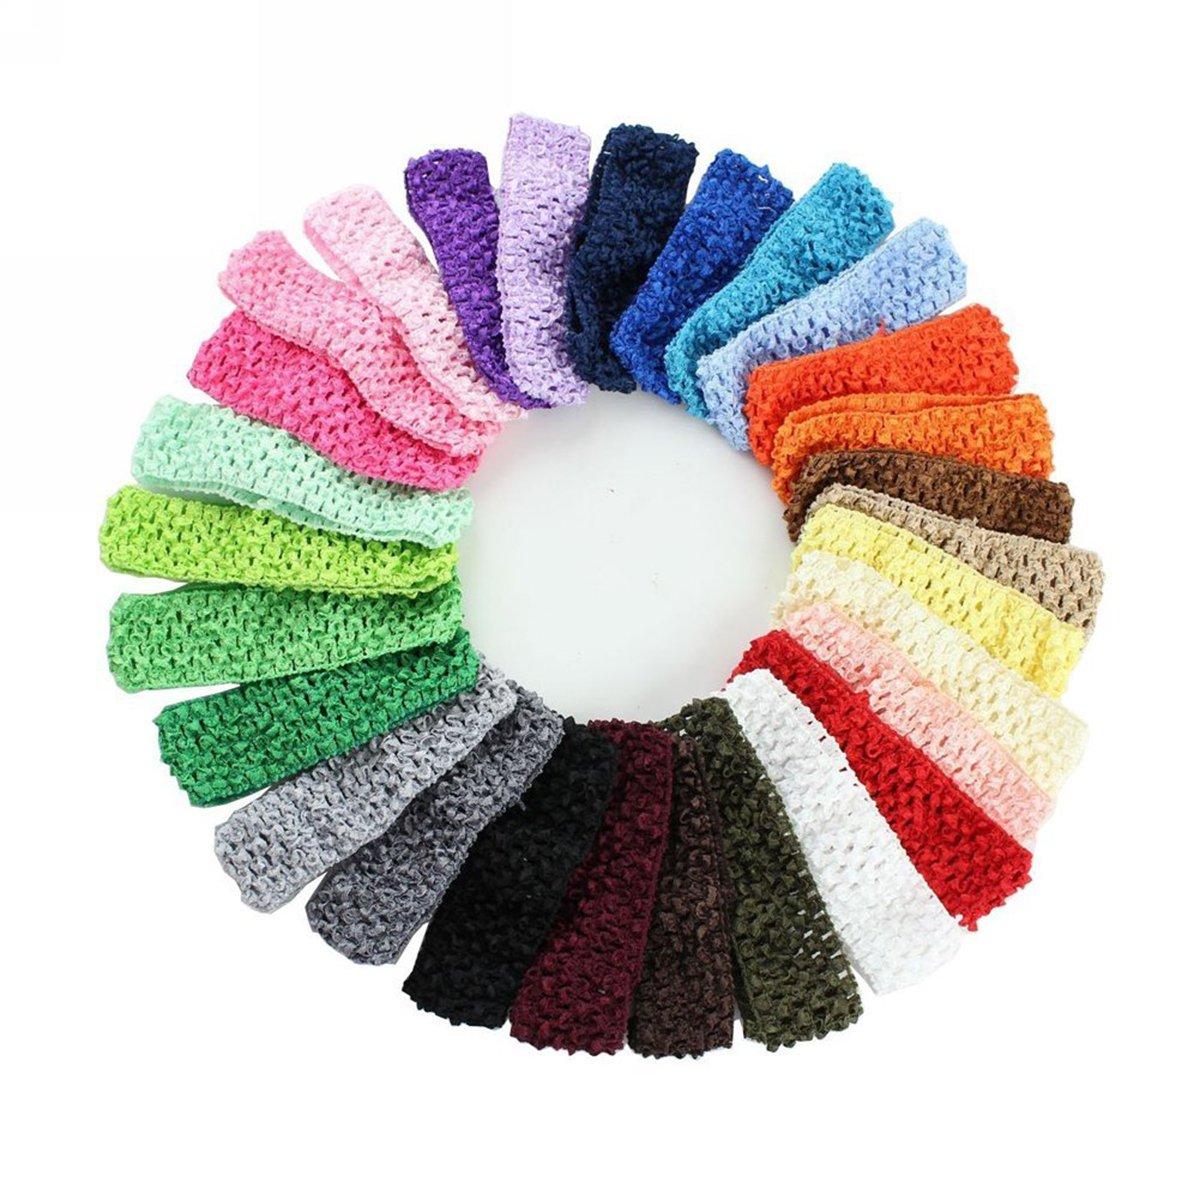 WINOMO 24pcs Crochet élastique serre-têtes bandeaux élastiques à cheveux pour bébé filles tout-petit